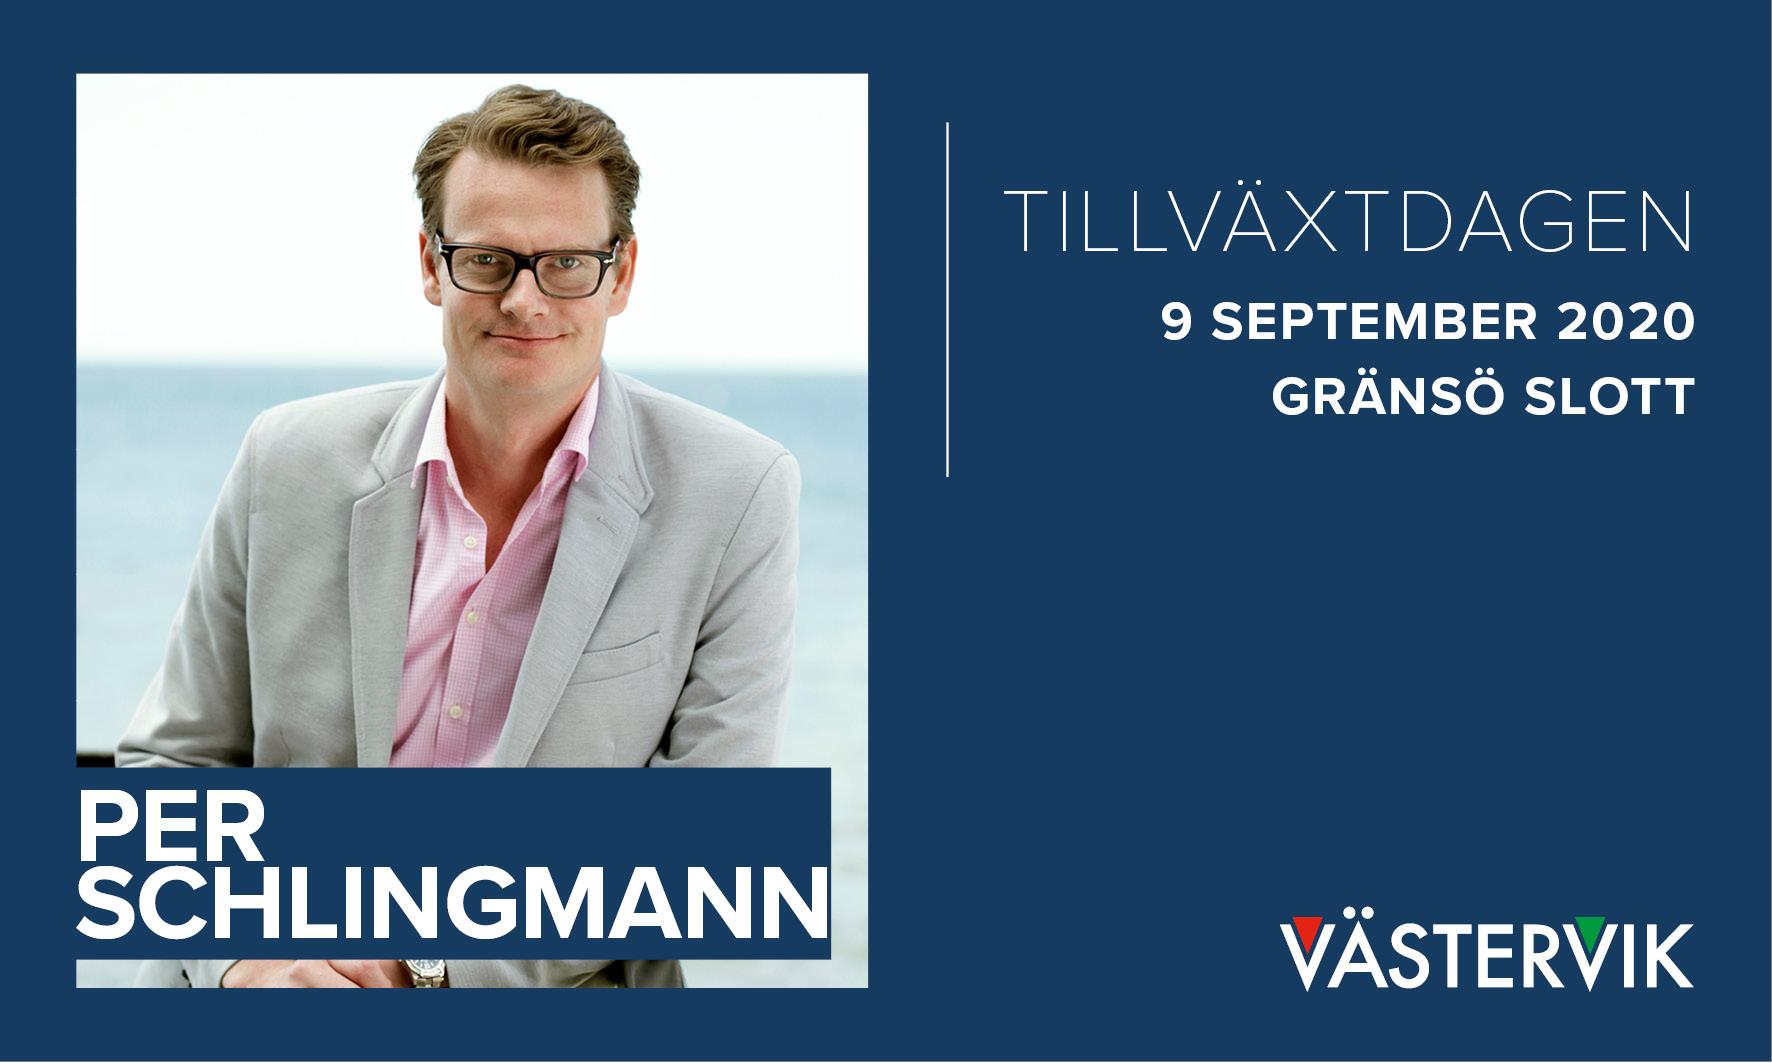 Per Schlingmann 9 sept